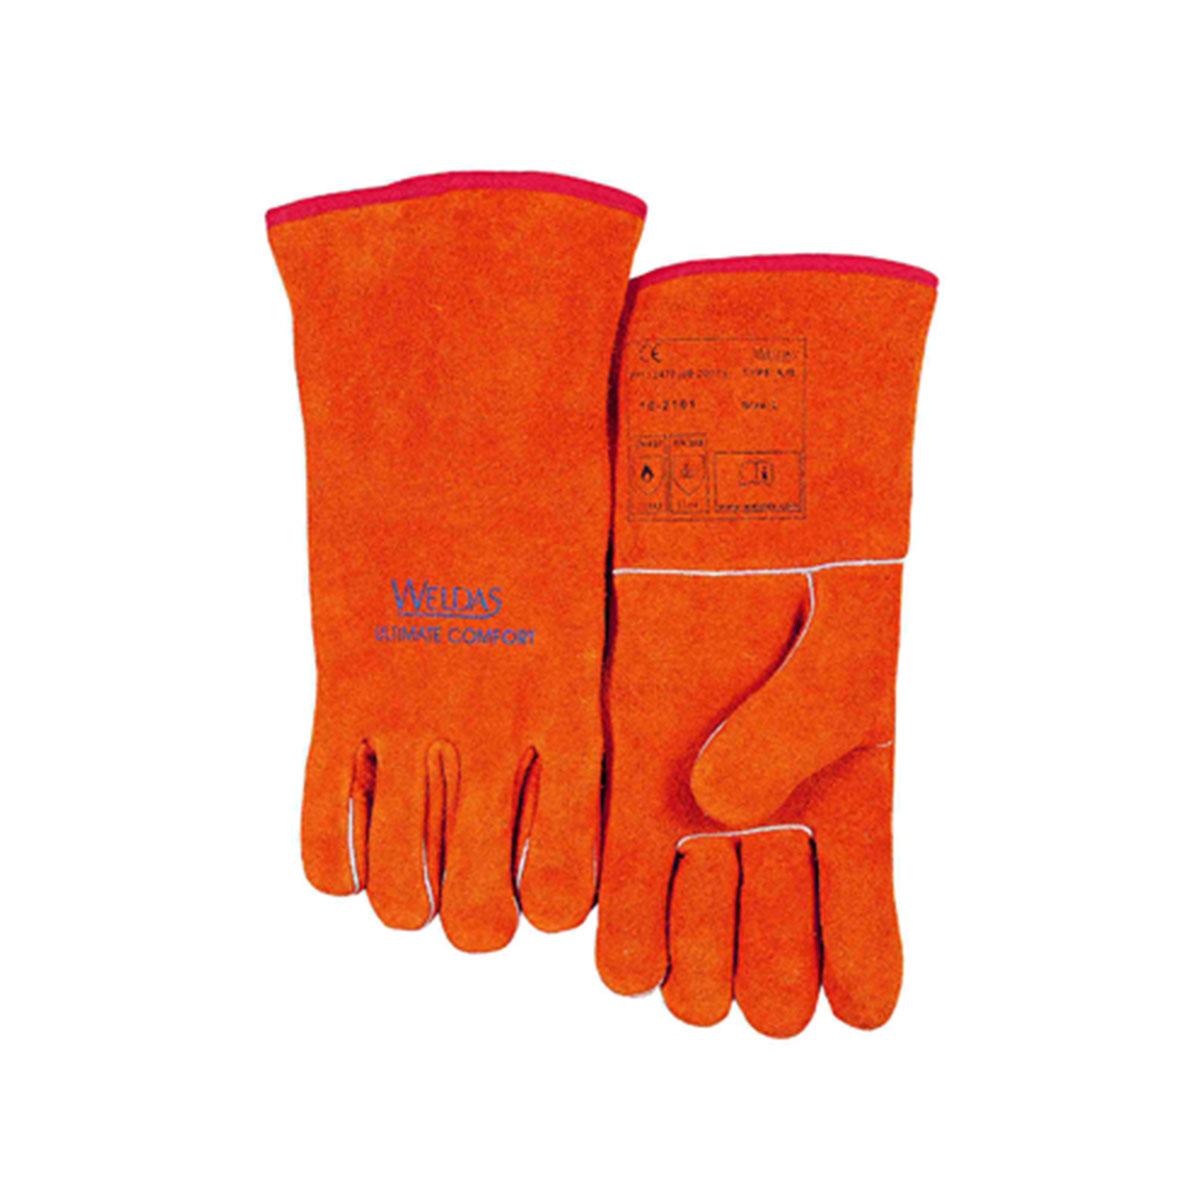 auf Füßen Bilder von professionelles Design Online-Verkauf Weldas 10-2101 (Größe XL) MAG-Handschuh